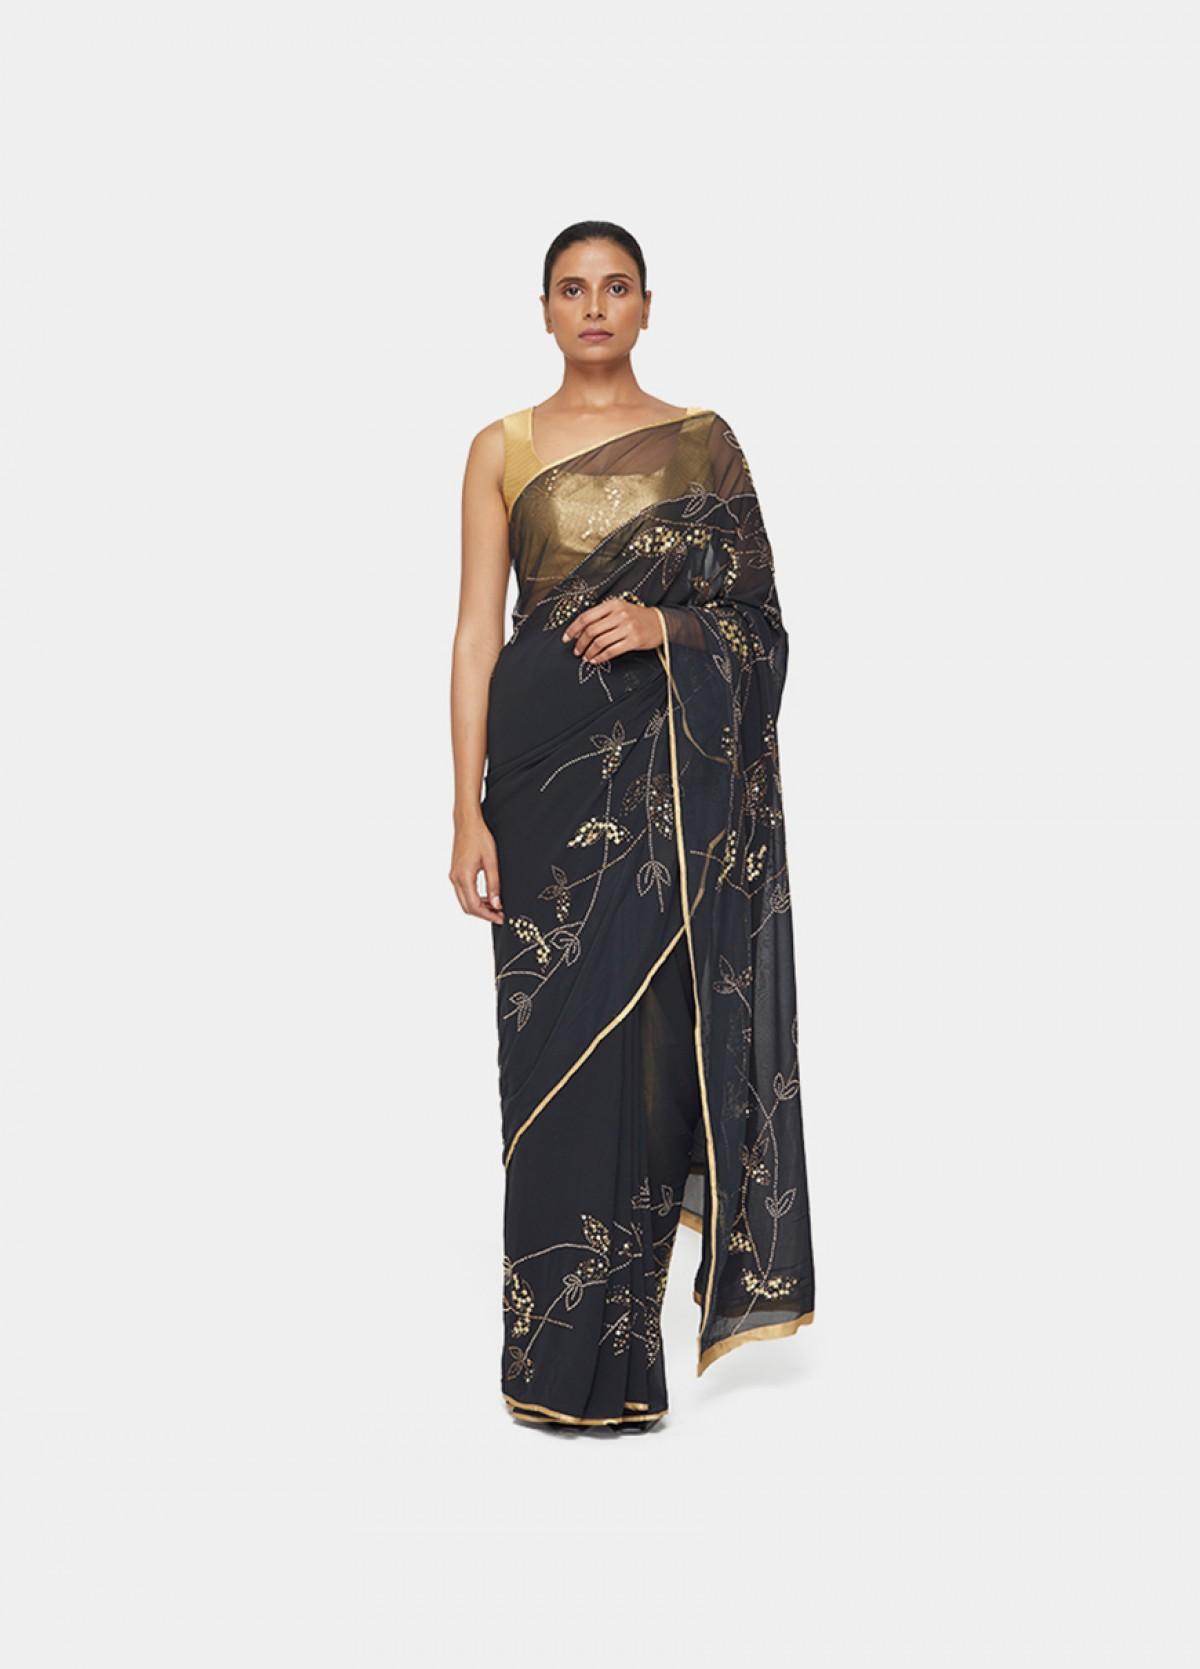 The Cluster Sari